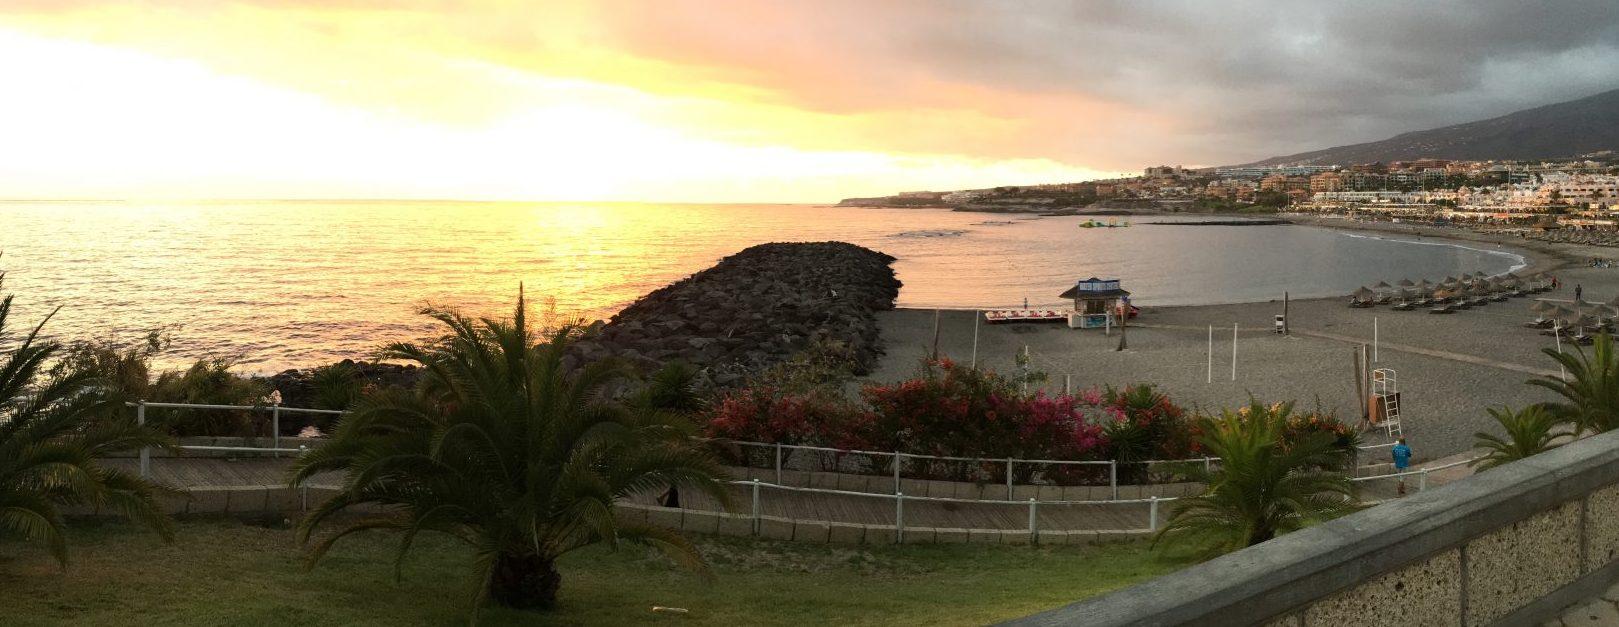 Playa Fañabe